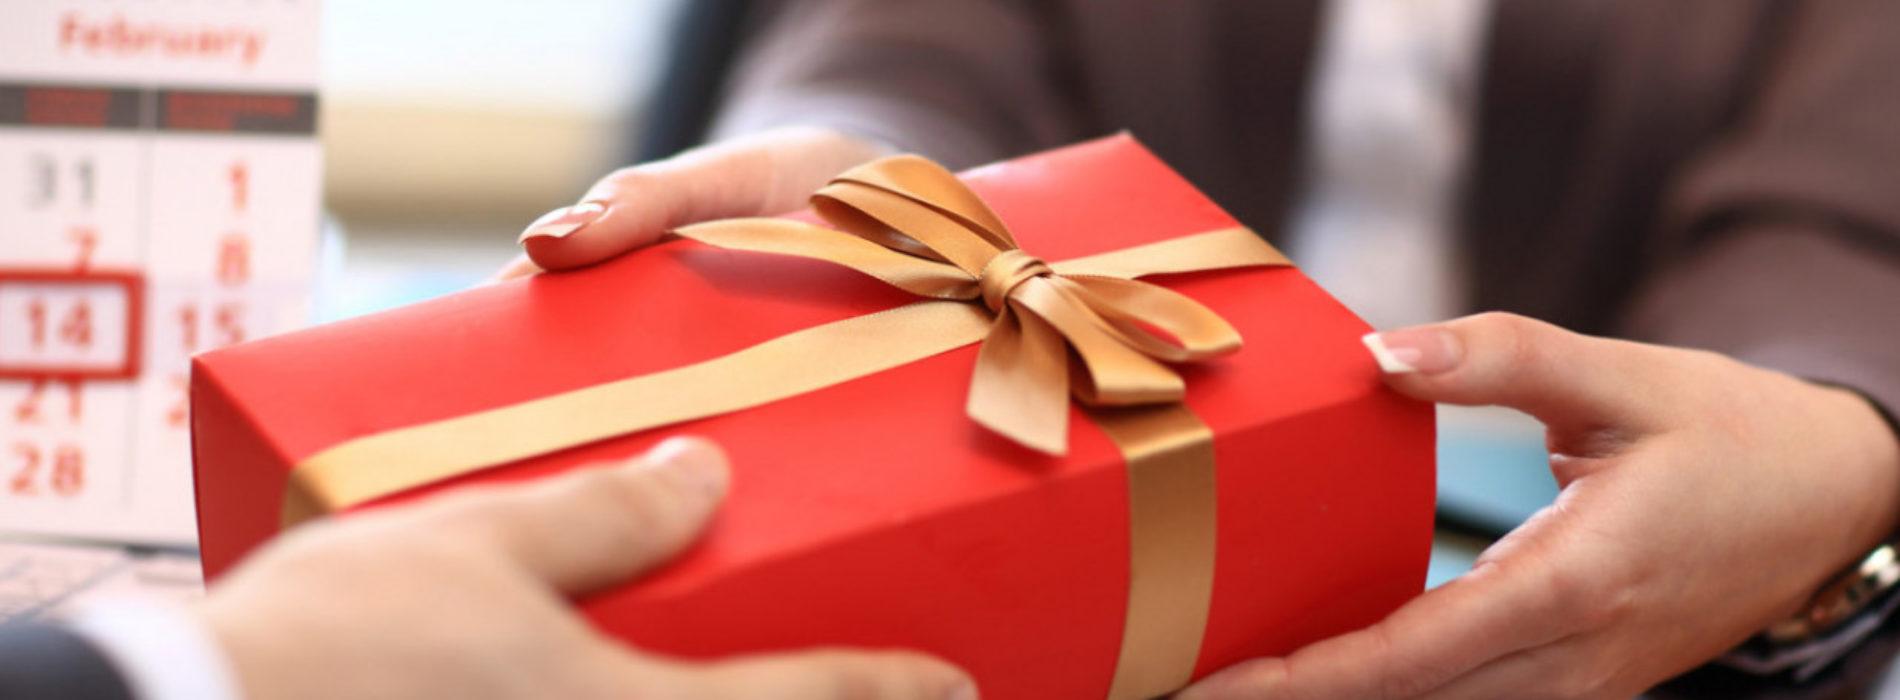 Токаев подписал закон, запрещающий госслужащим и чиновникам получать подарки